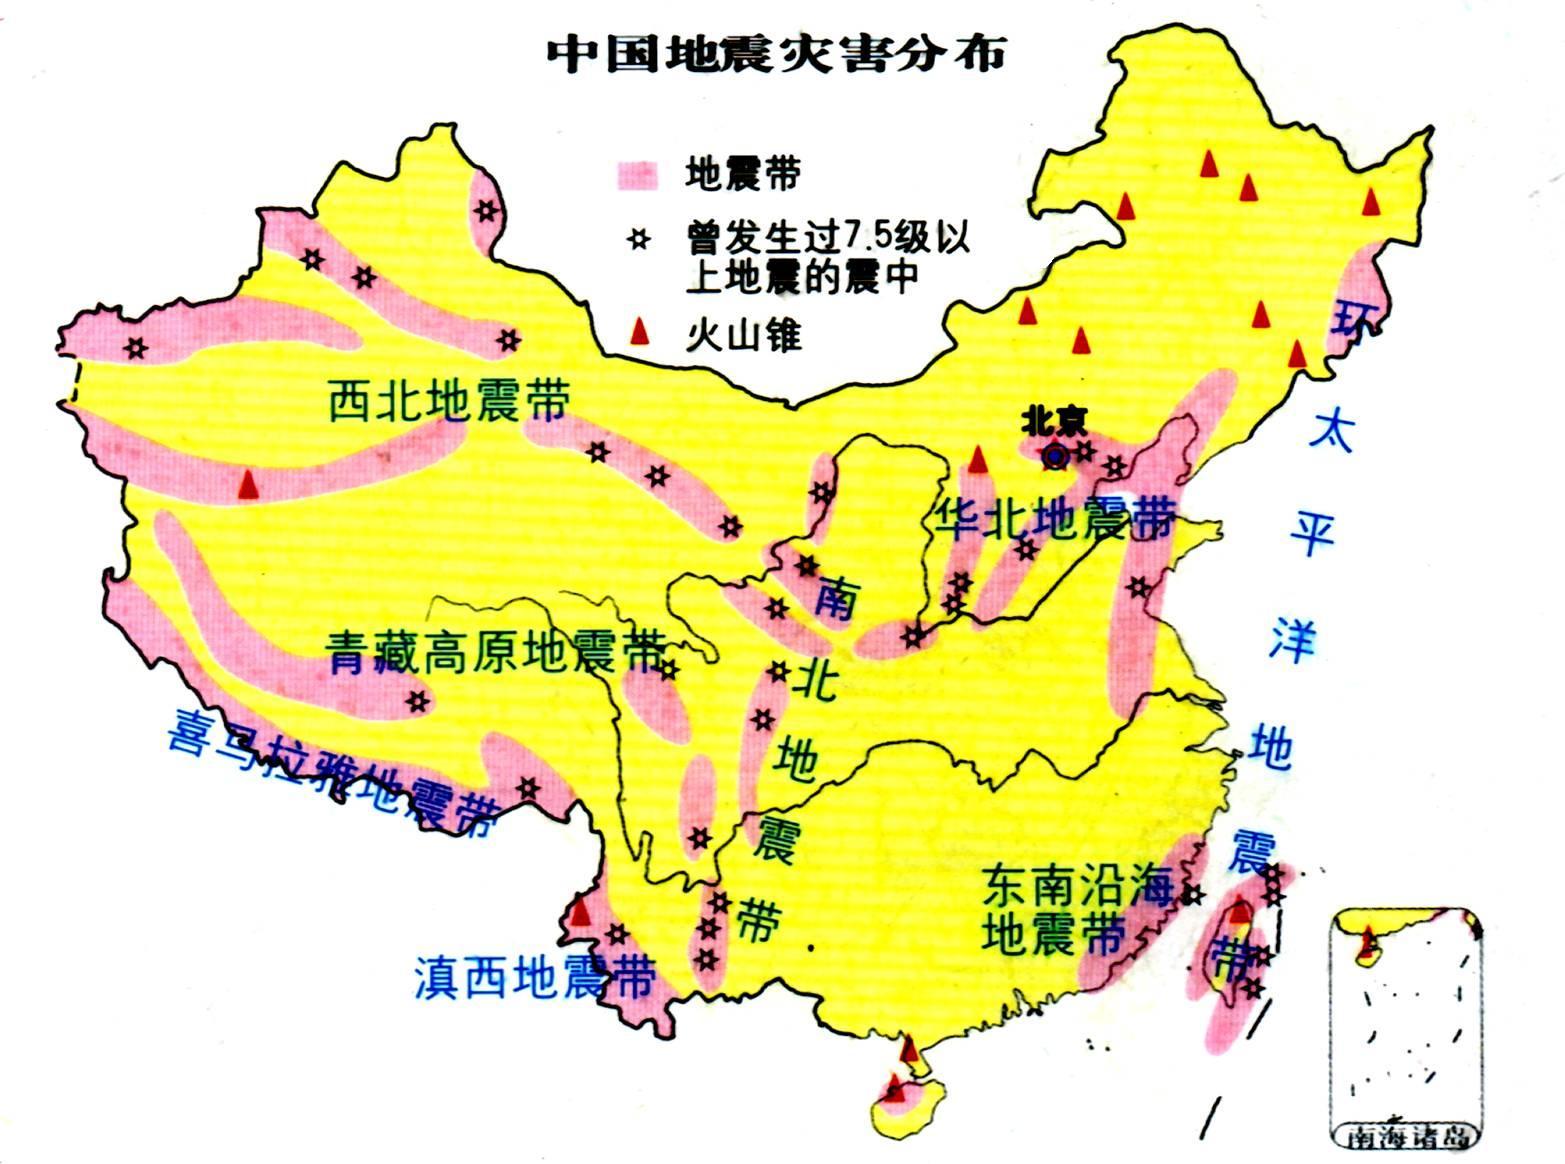 中國地質災害分佈圖 資料圖片